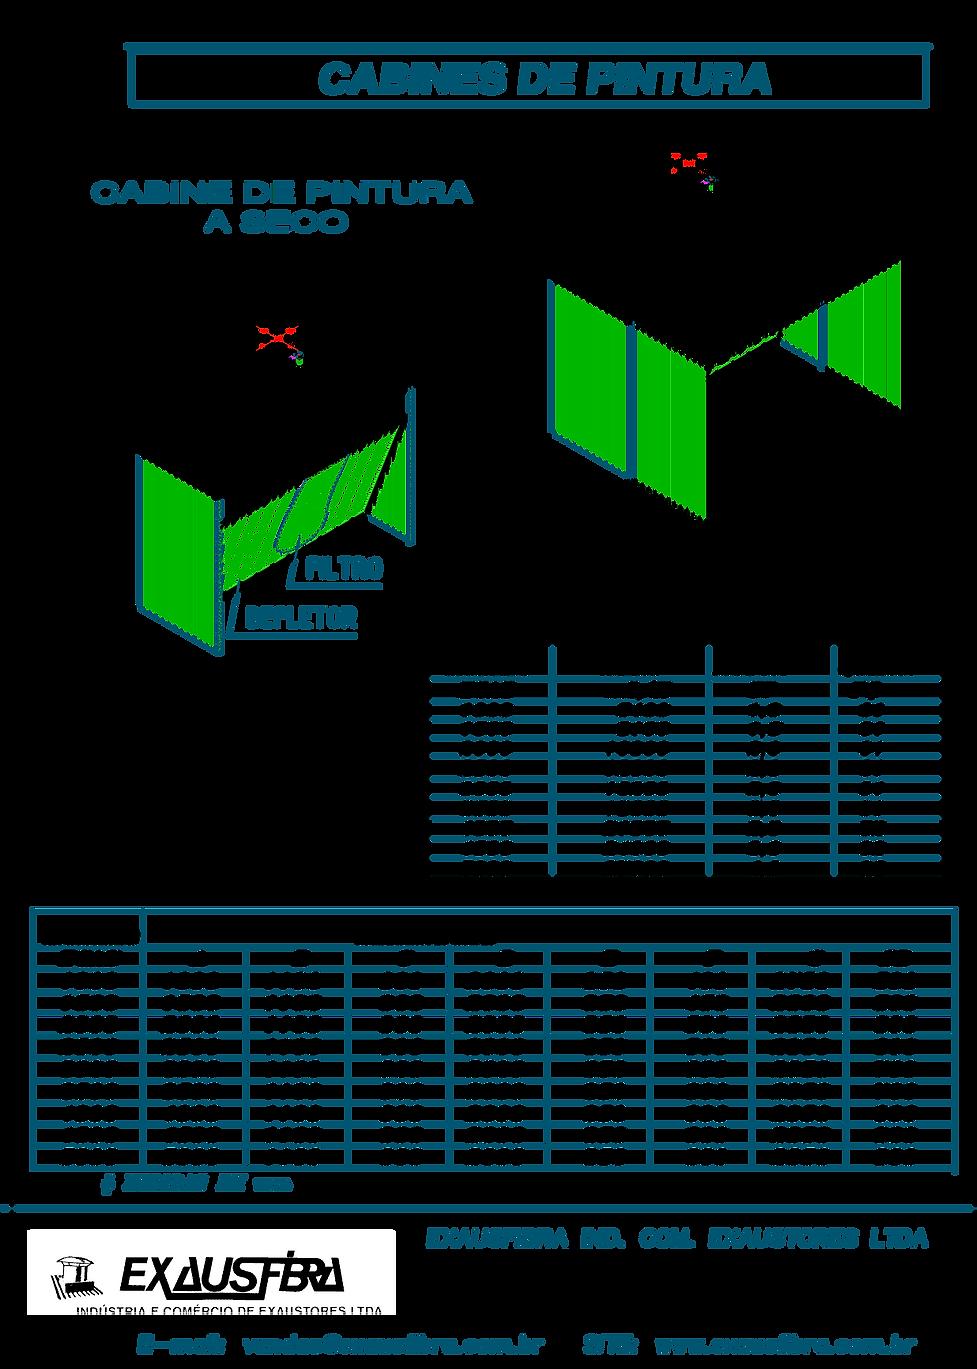 cabine seca pdf.png